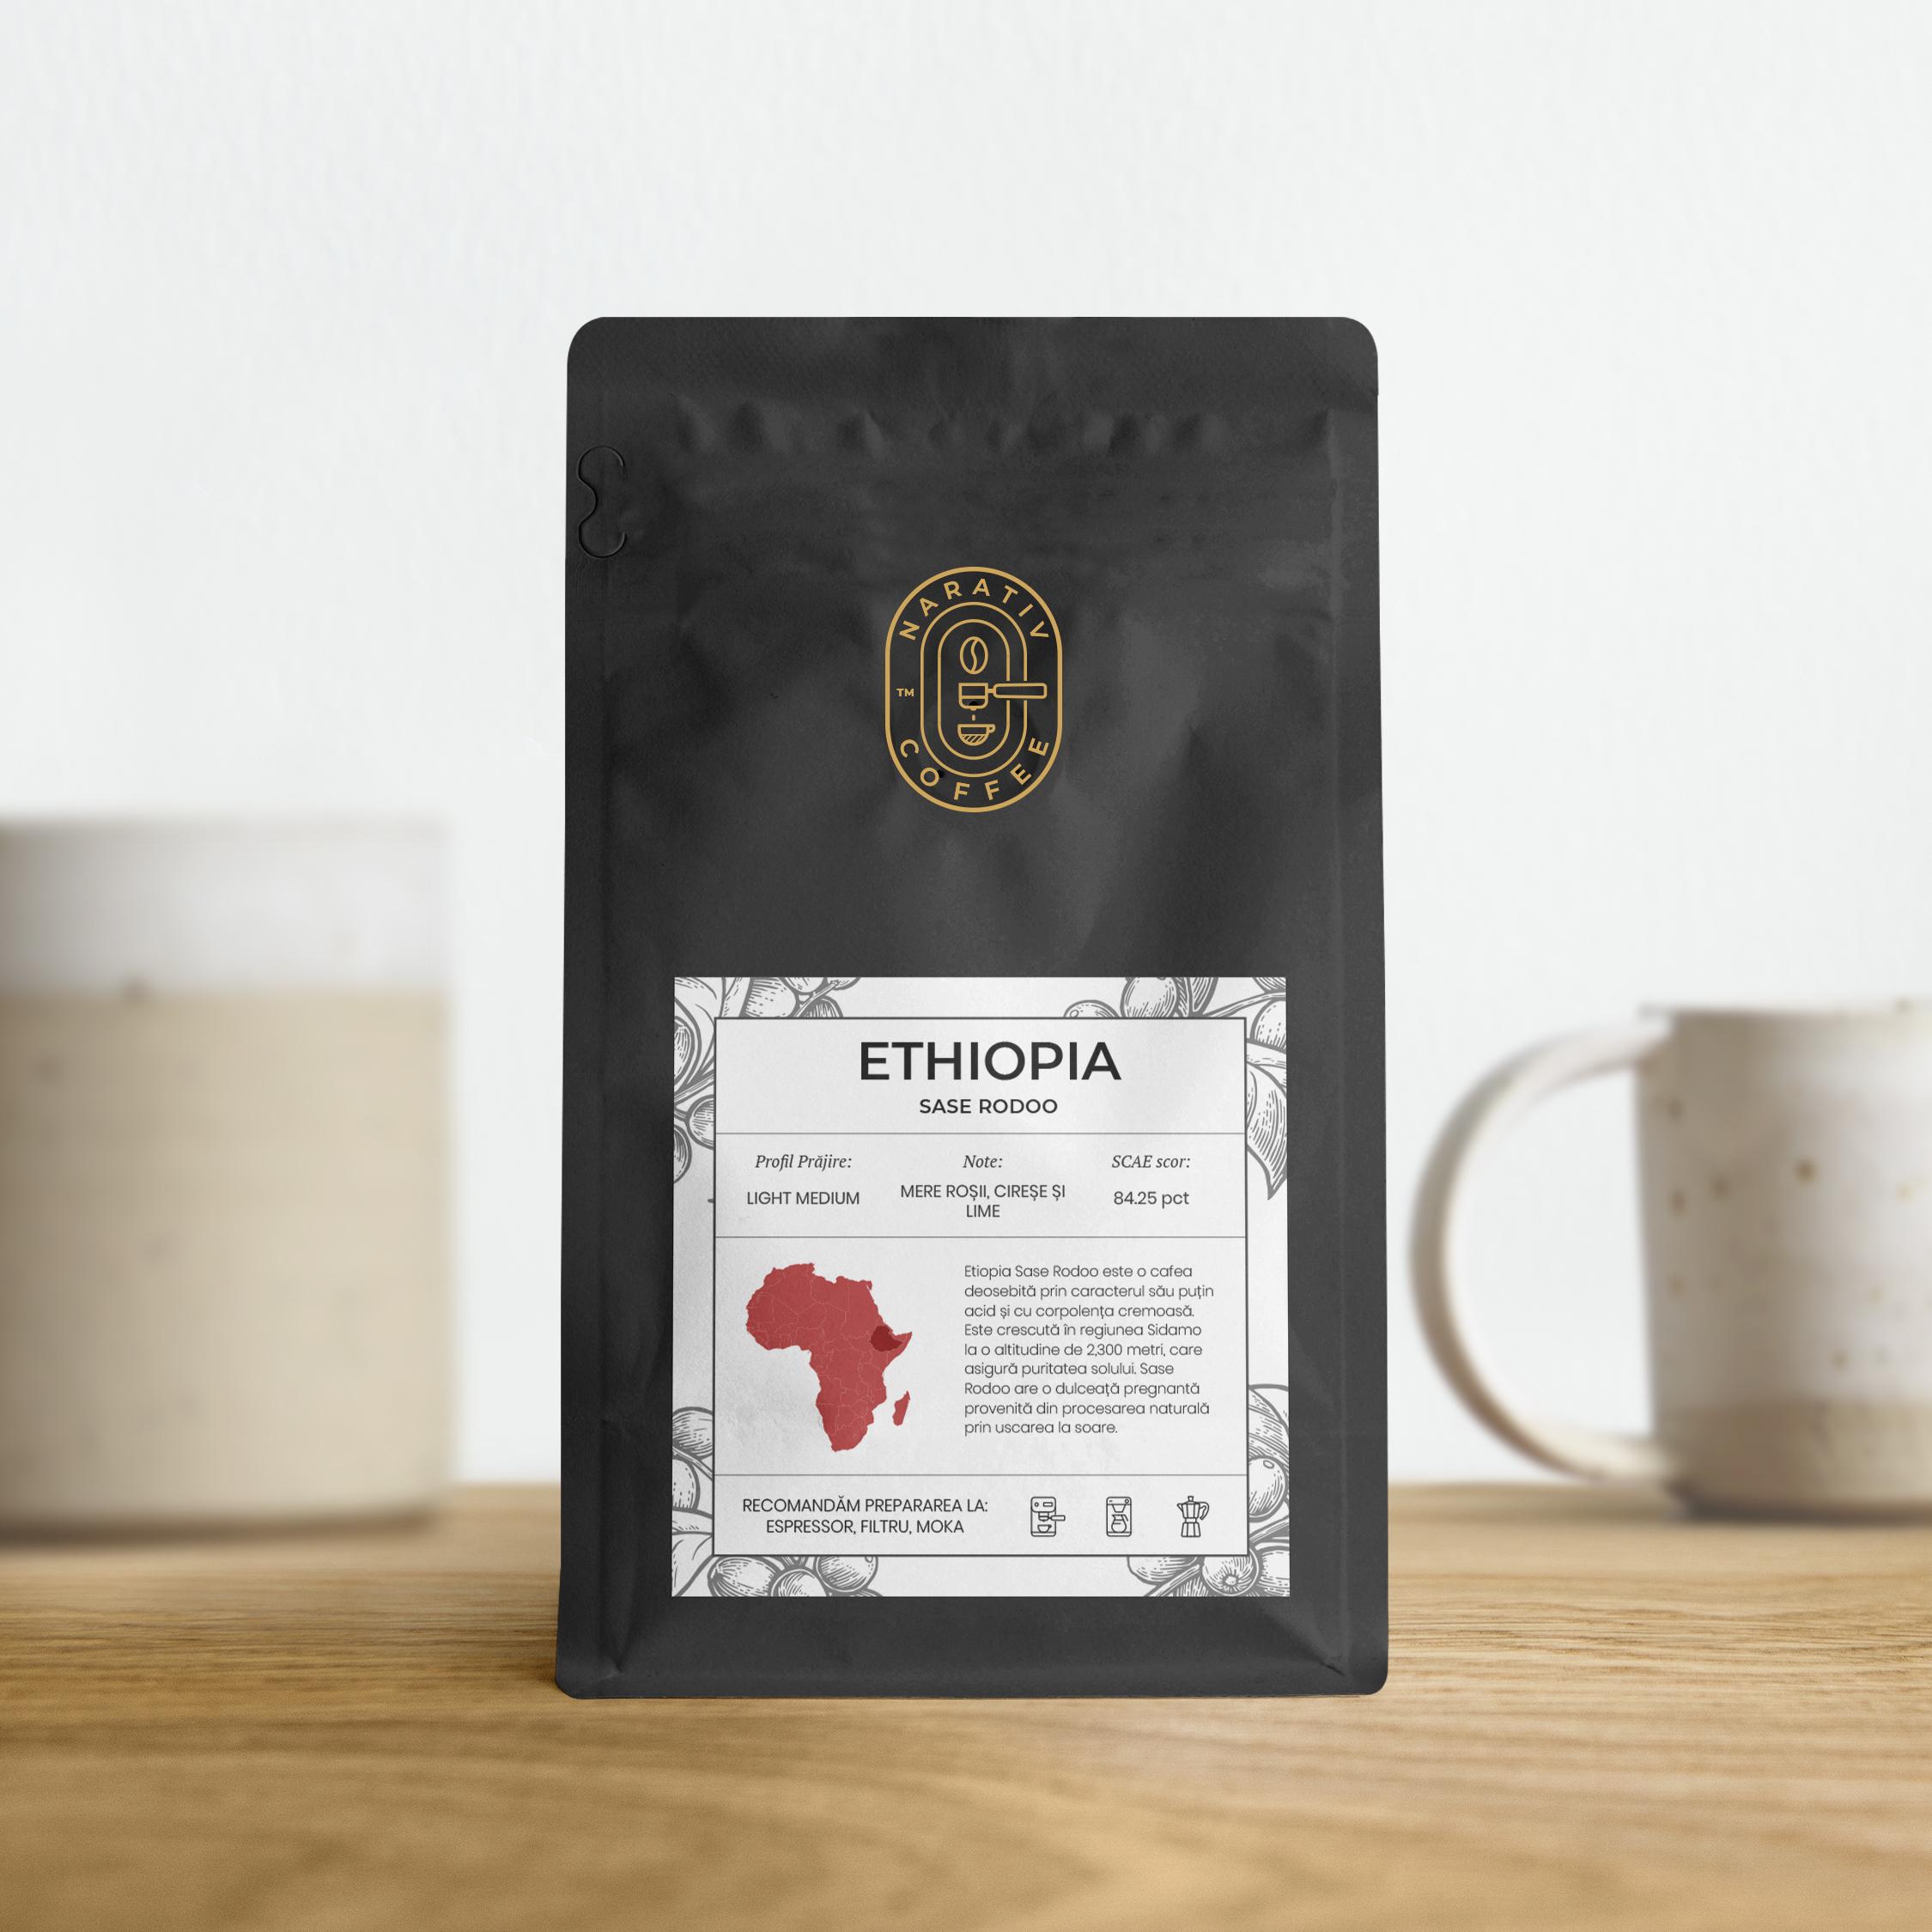 15 ETHIOPIA SASE RODOO 1